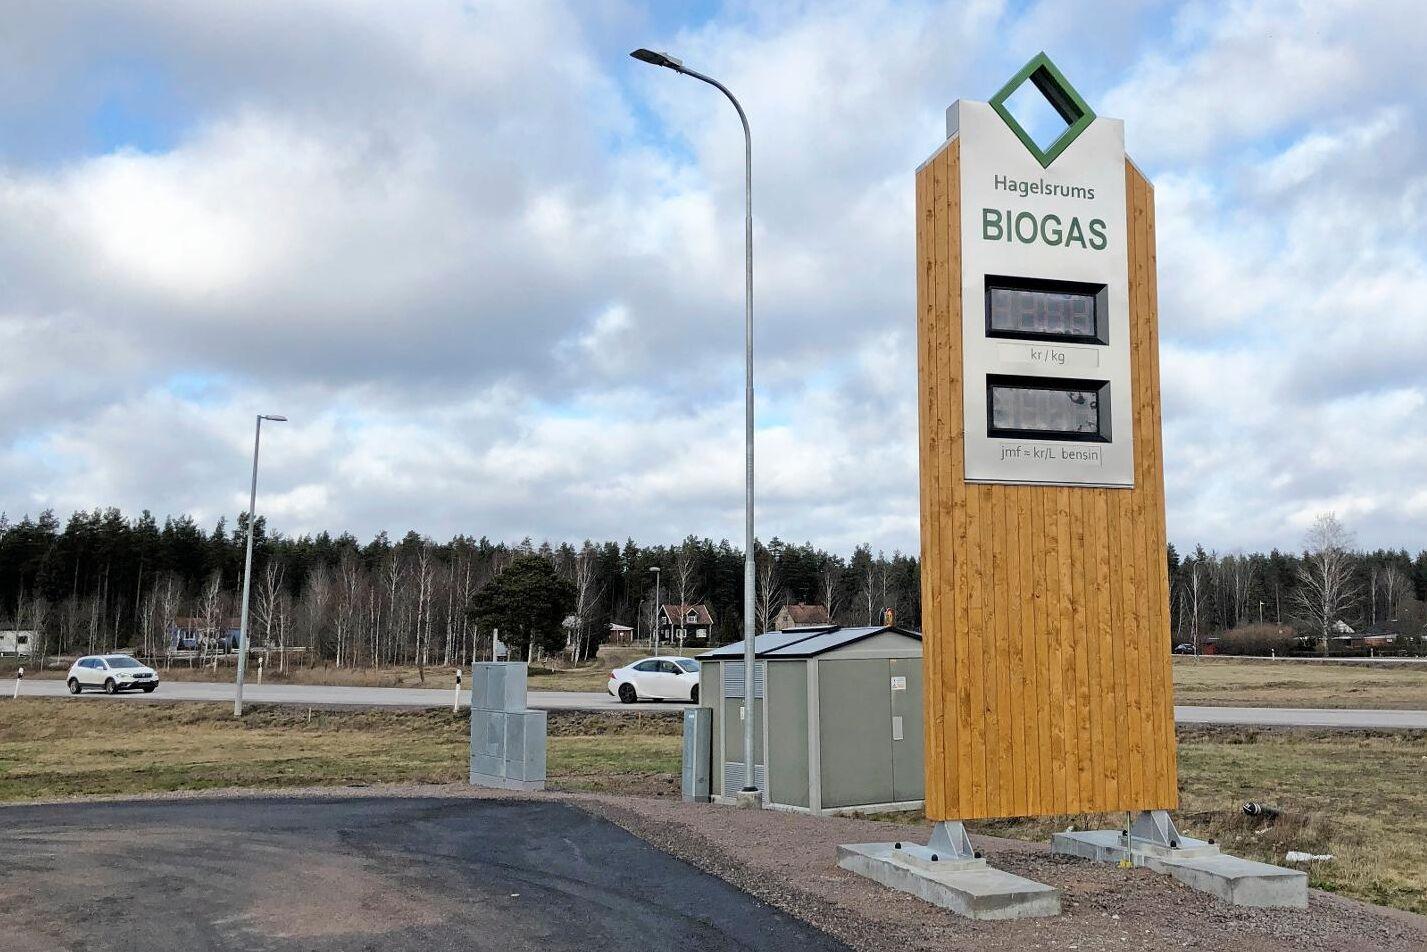 Ökad konsumtion av fossilfria och svenskproducerade drivmedel är bra för miljön och självförsörjningen, menar LRF.